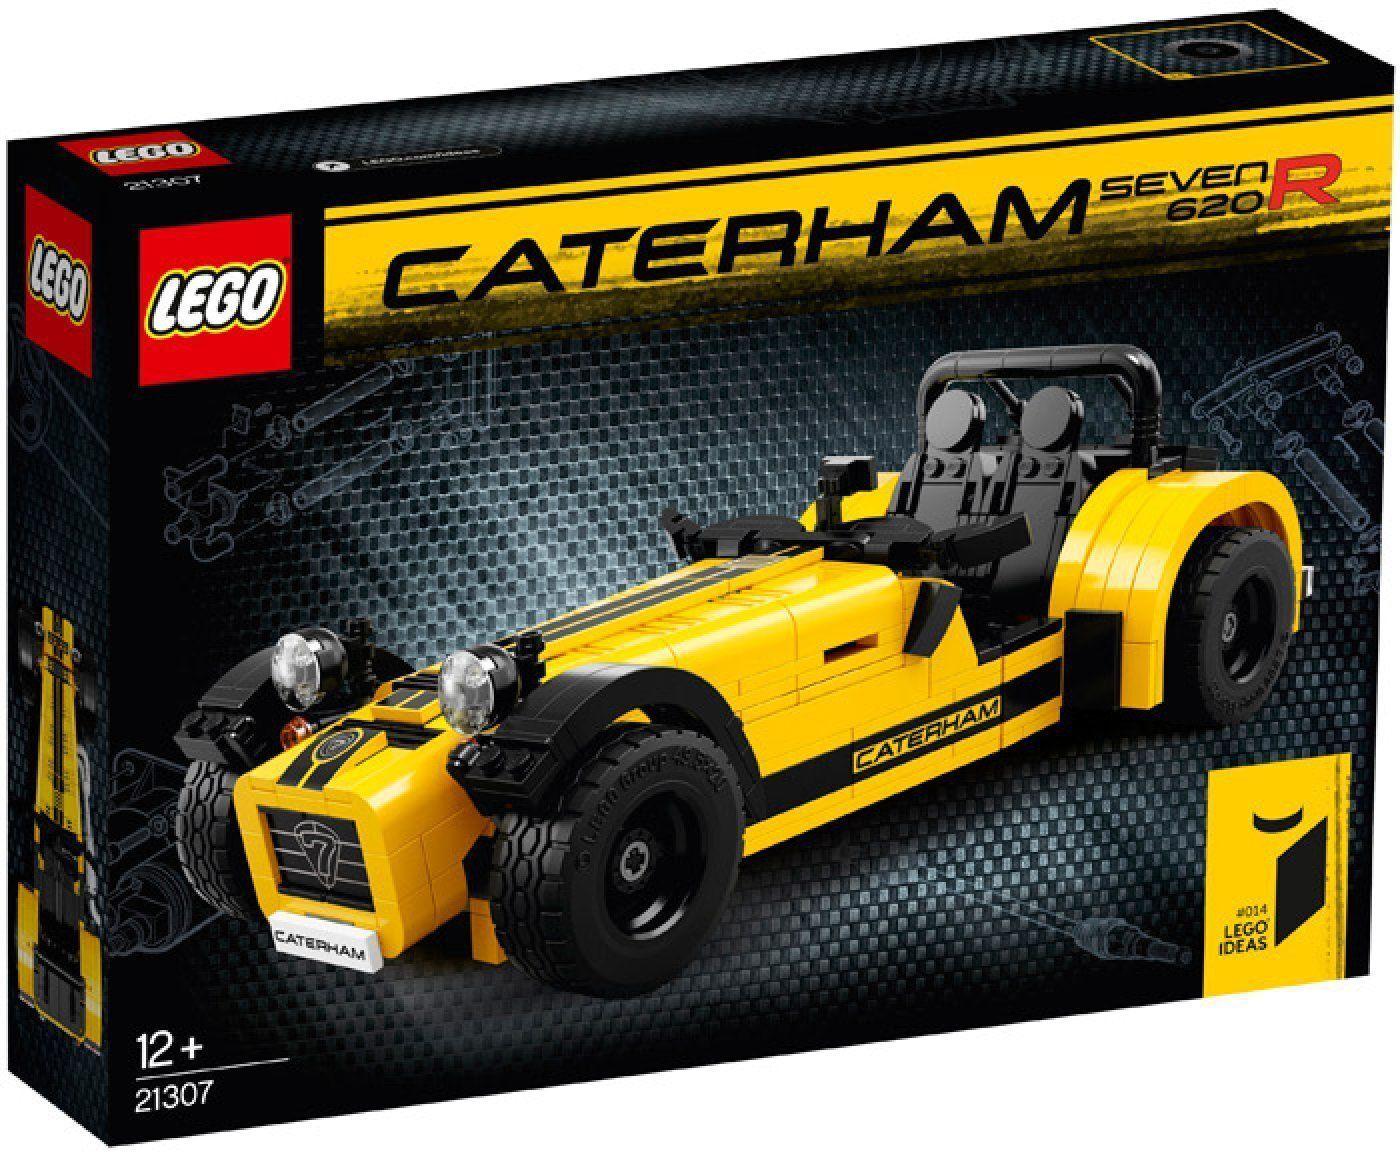 LEGO 21307 Caterham Seven 620R IDEAS NUOVO